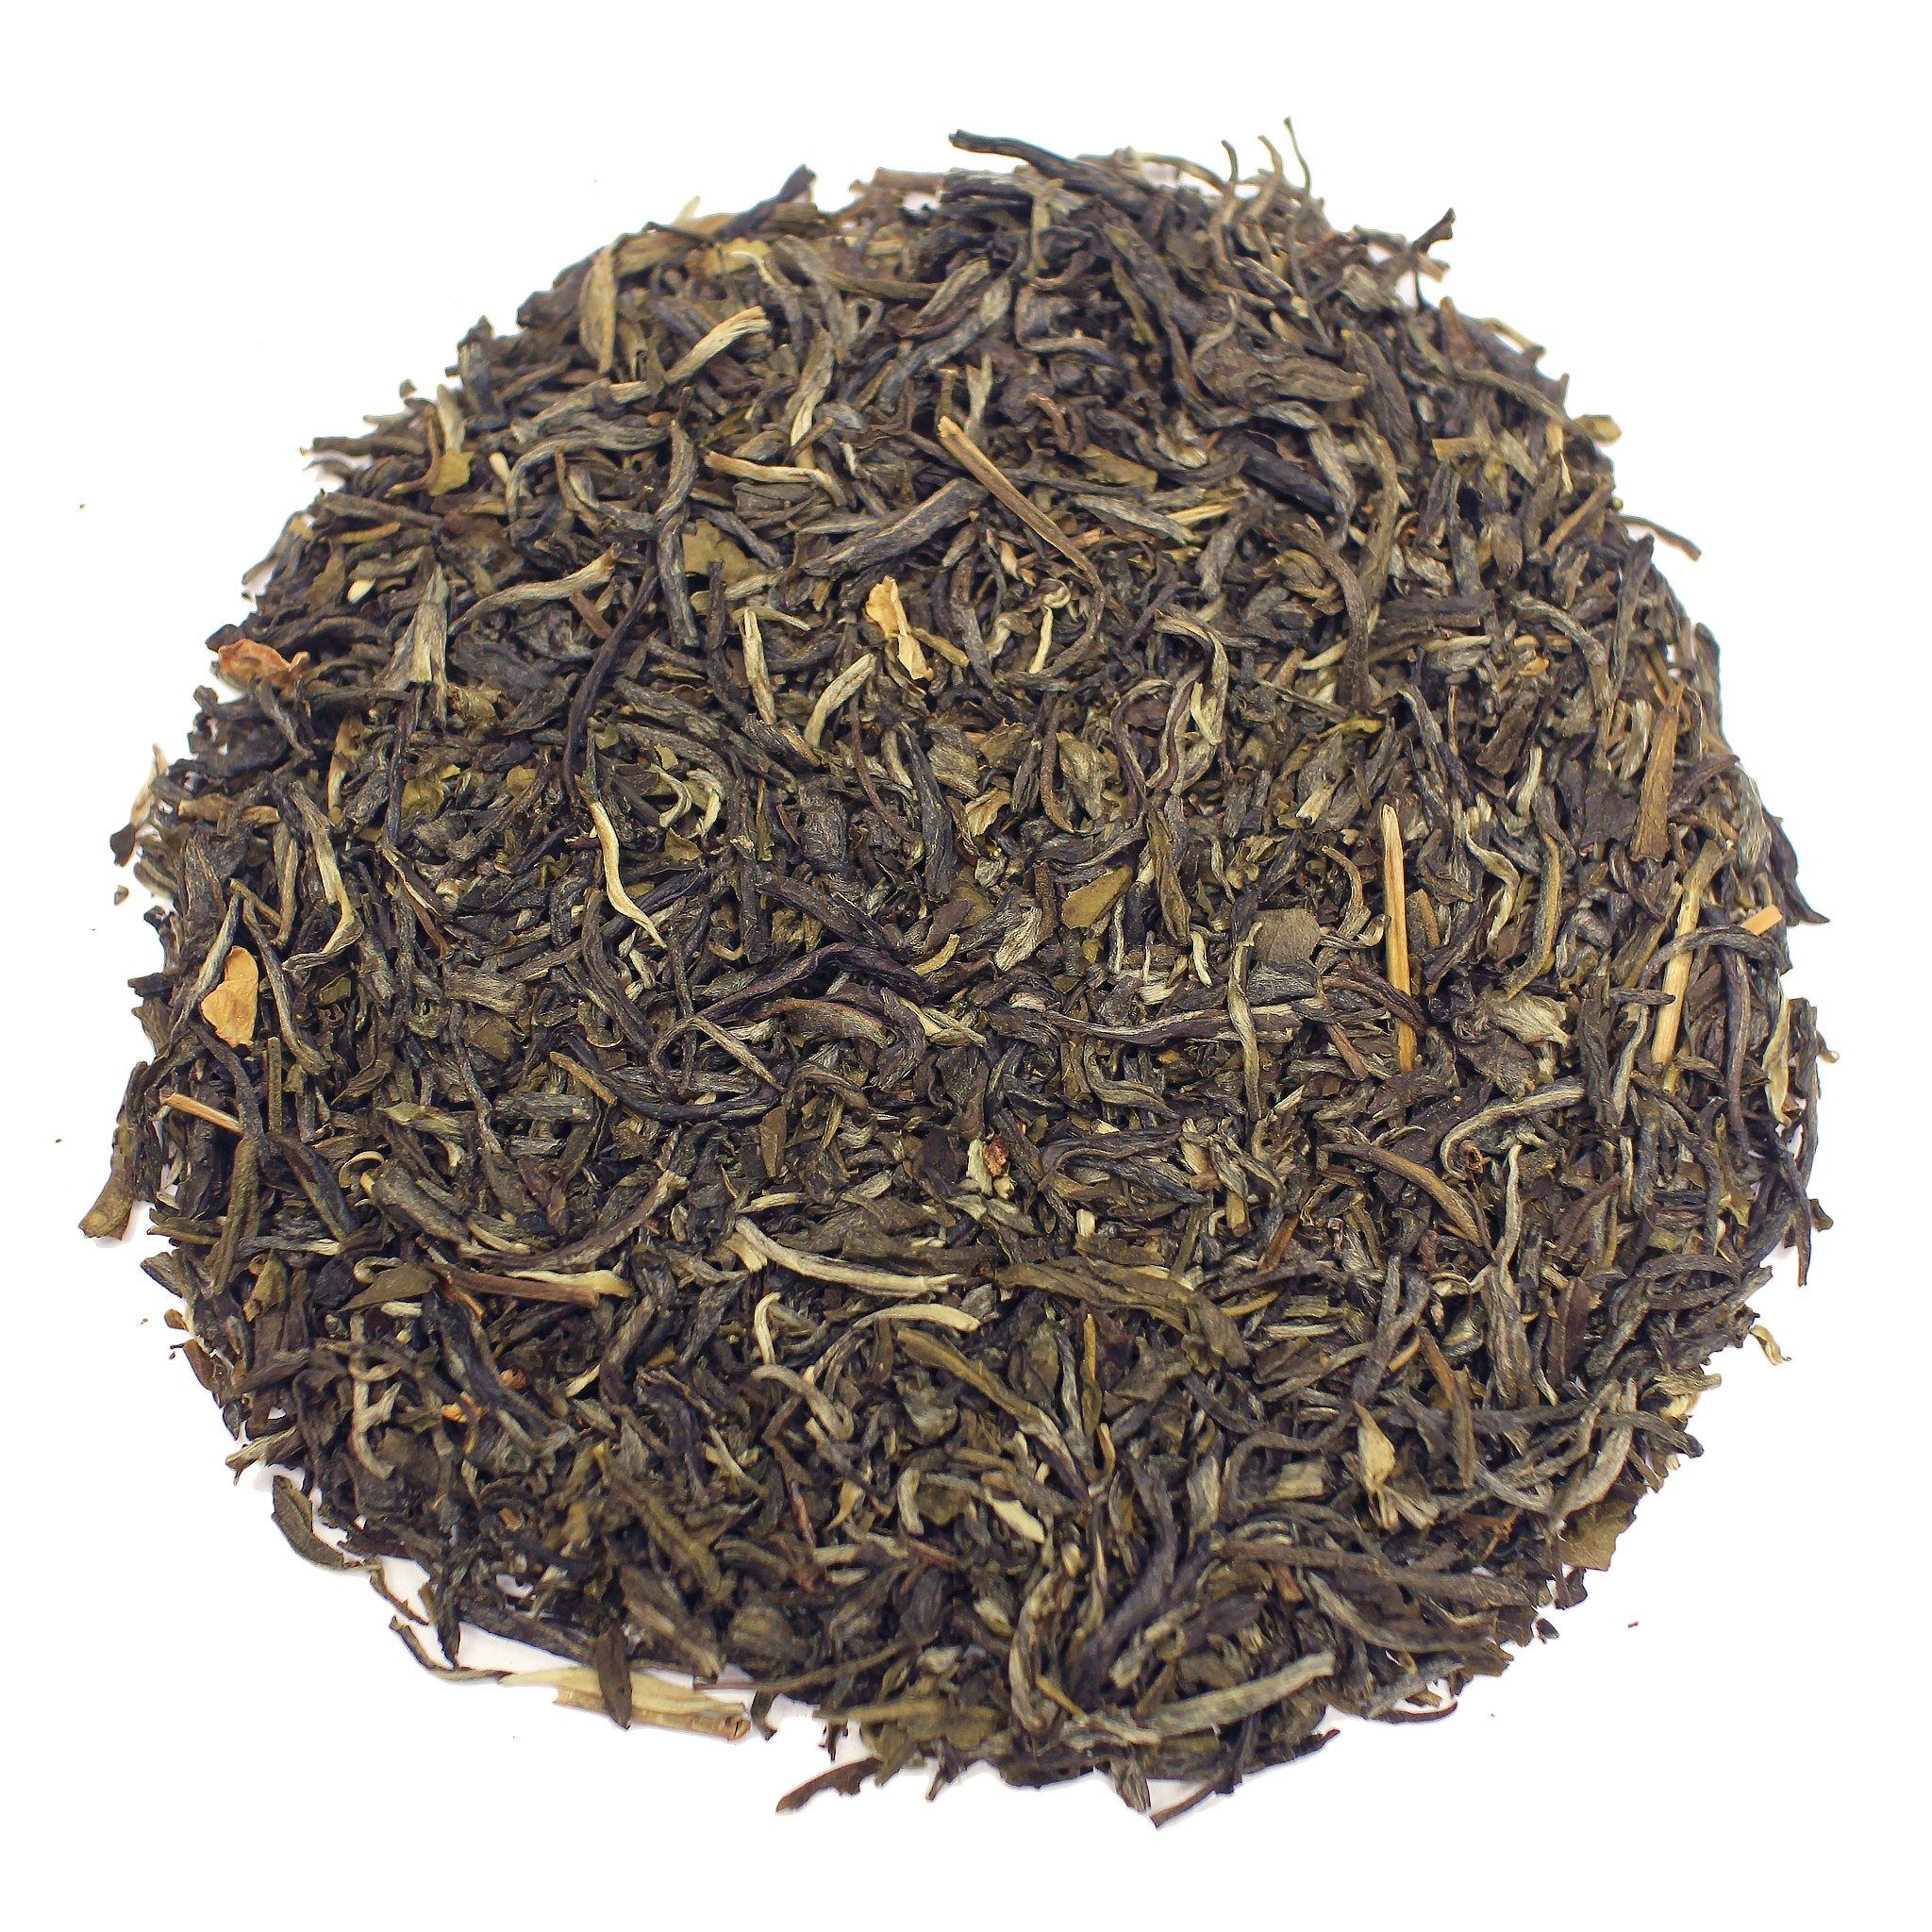 The Tea Farm - Jasmine Mao Feng White Tea - Chinese Loose Leaf White Tea (16 Ounce Bag) by The Tea Farm